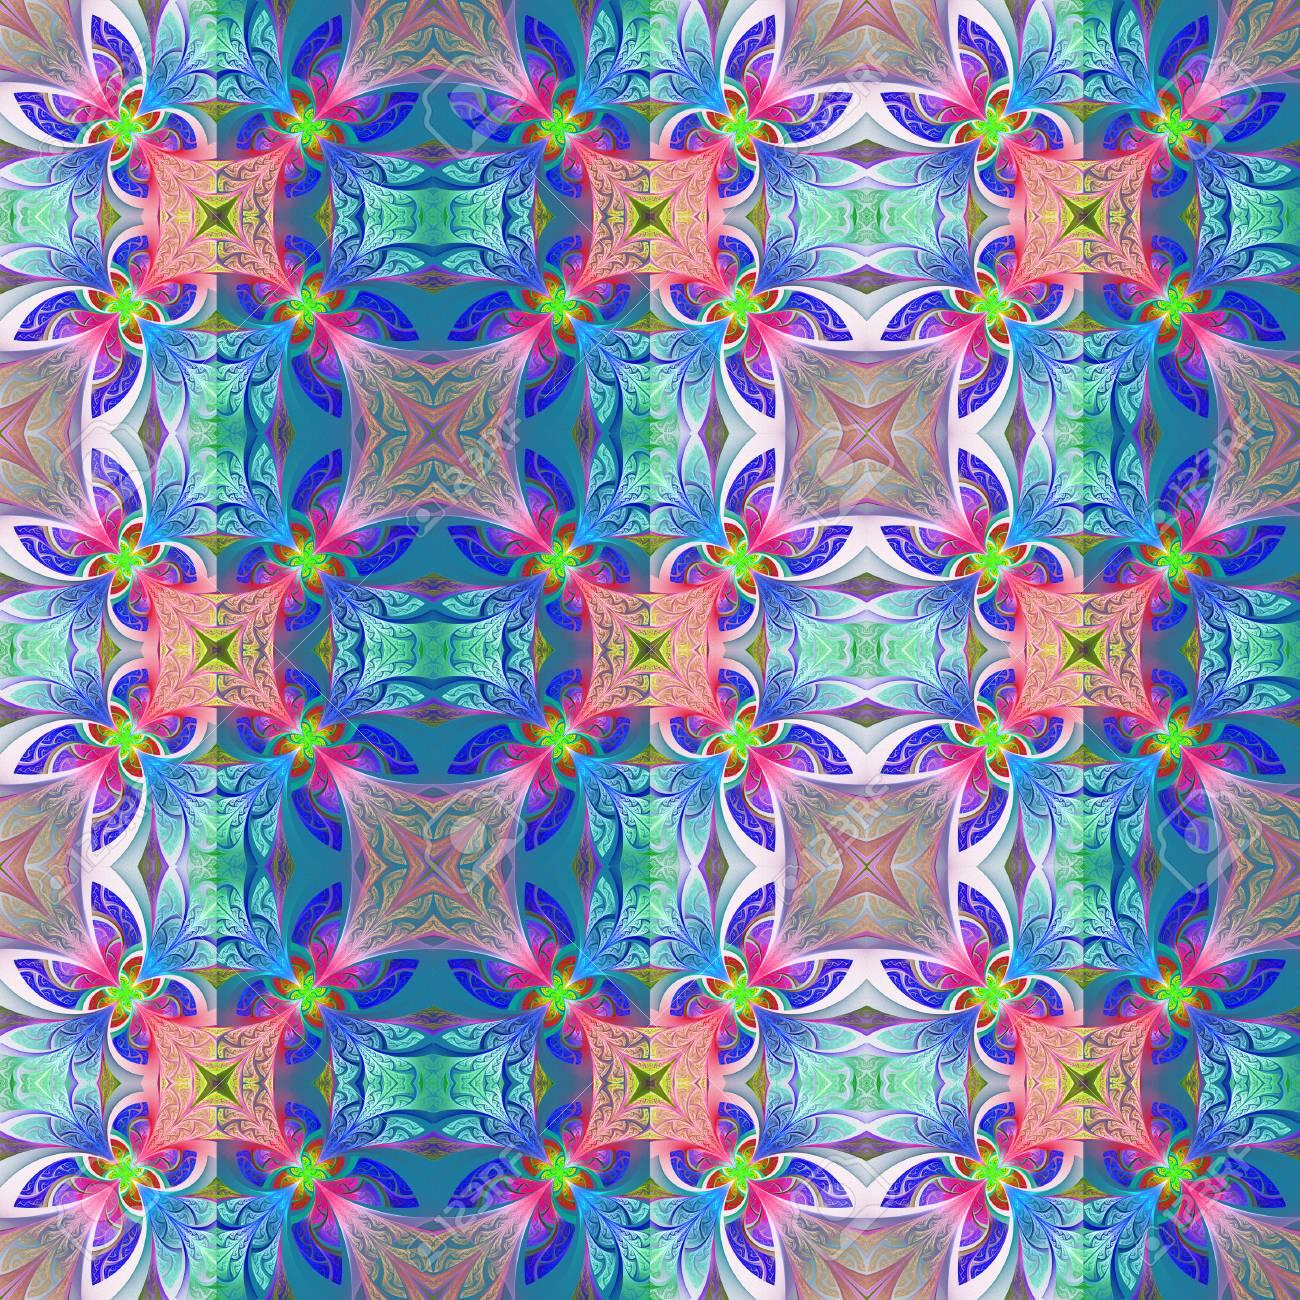 Zweifarbiges Nahtlose Blumenmuster In Glasfenster Stil Sie Konnen